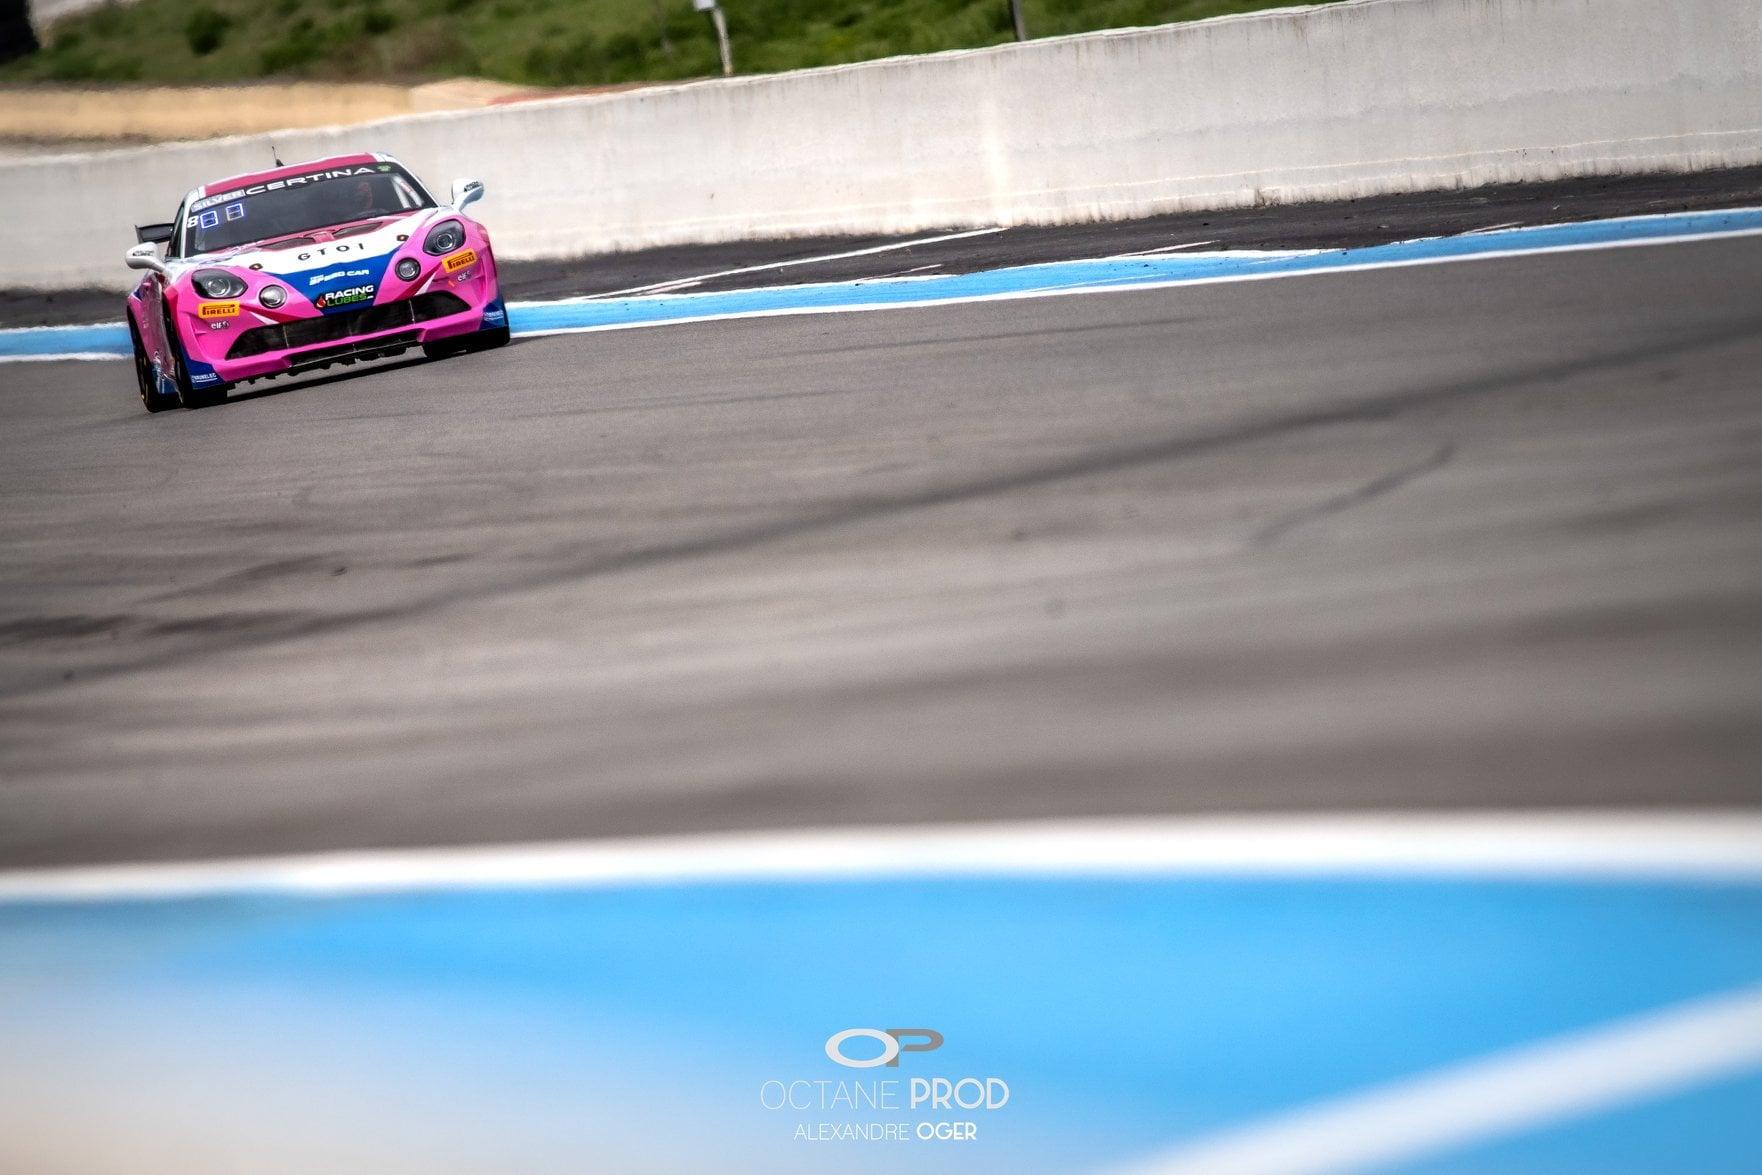 Alpine A110 GT4 FFSA GT Castellet Paul Ricard 2020 18 | Alpine A110 GT4 : Première victoire de Mirage Racing au Castellet en FFSA GT 2020